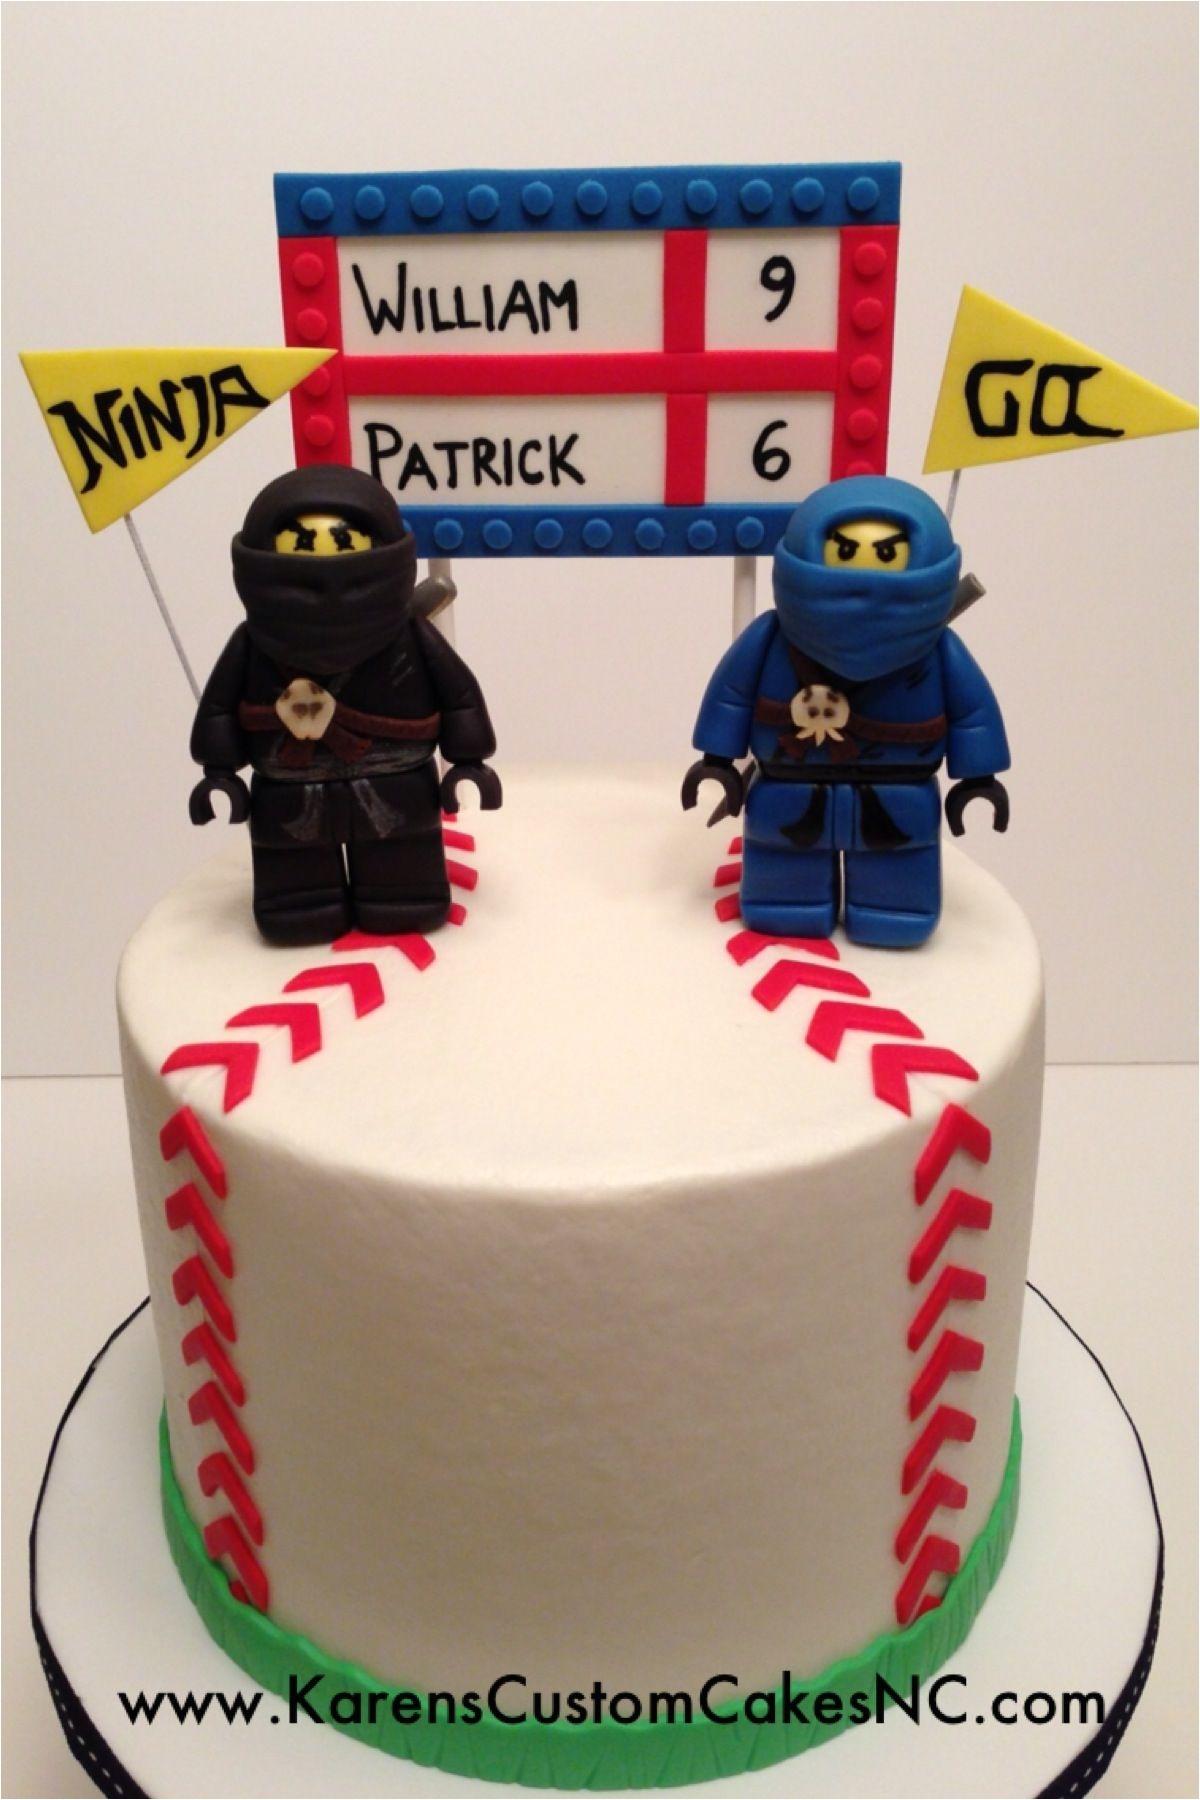 lego ninjago and baseball cake made for brothers celebrating birthdays together